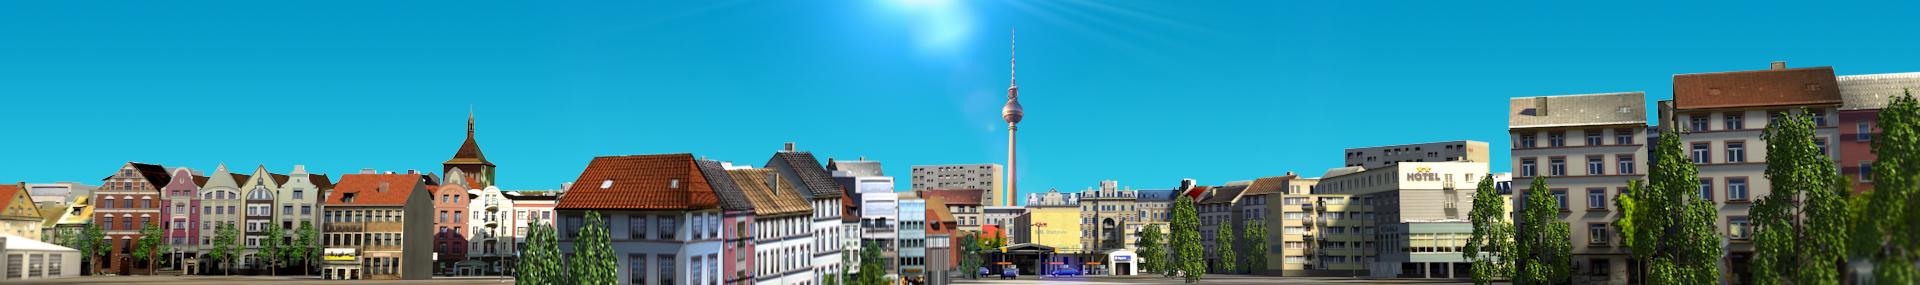 WNL13003_Website_Relaunch_Banner_BERLIN_1920x285px